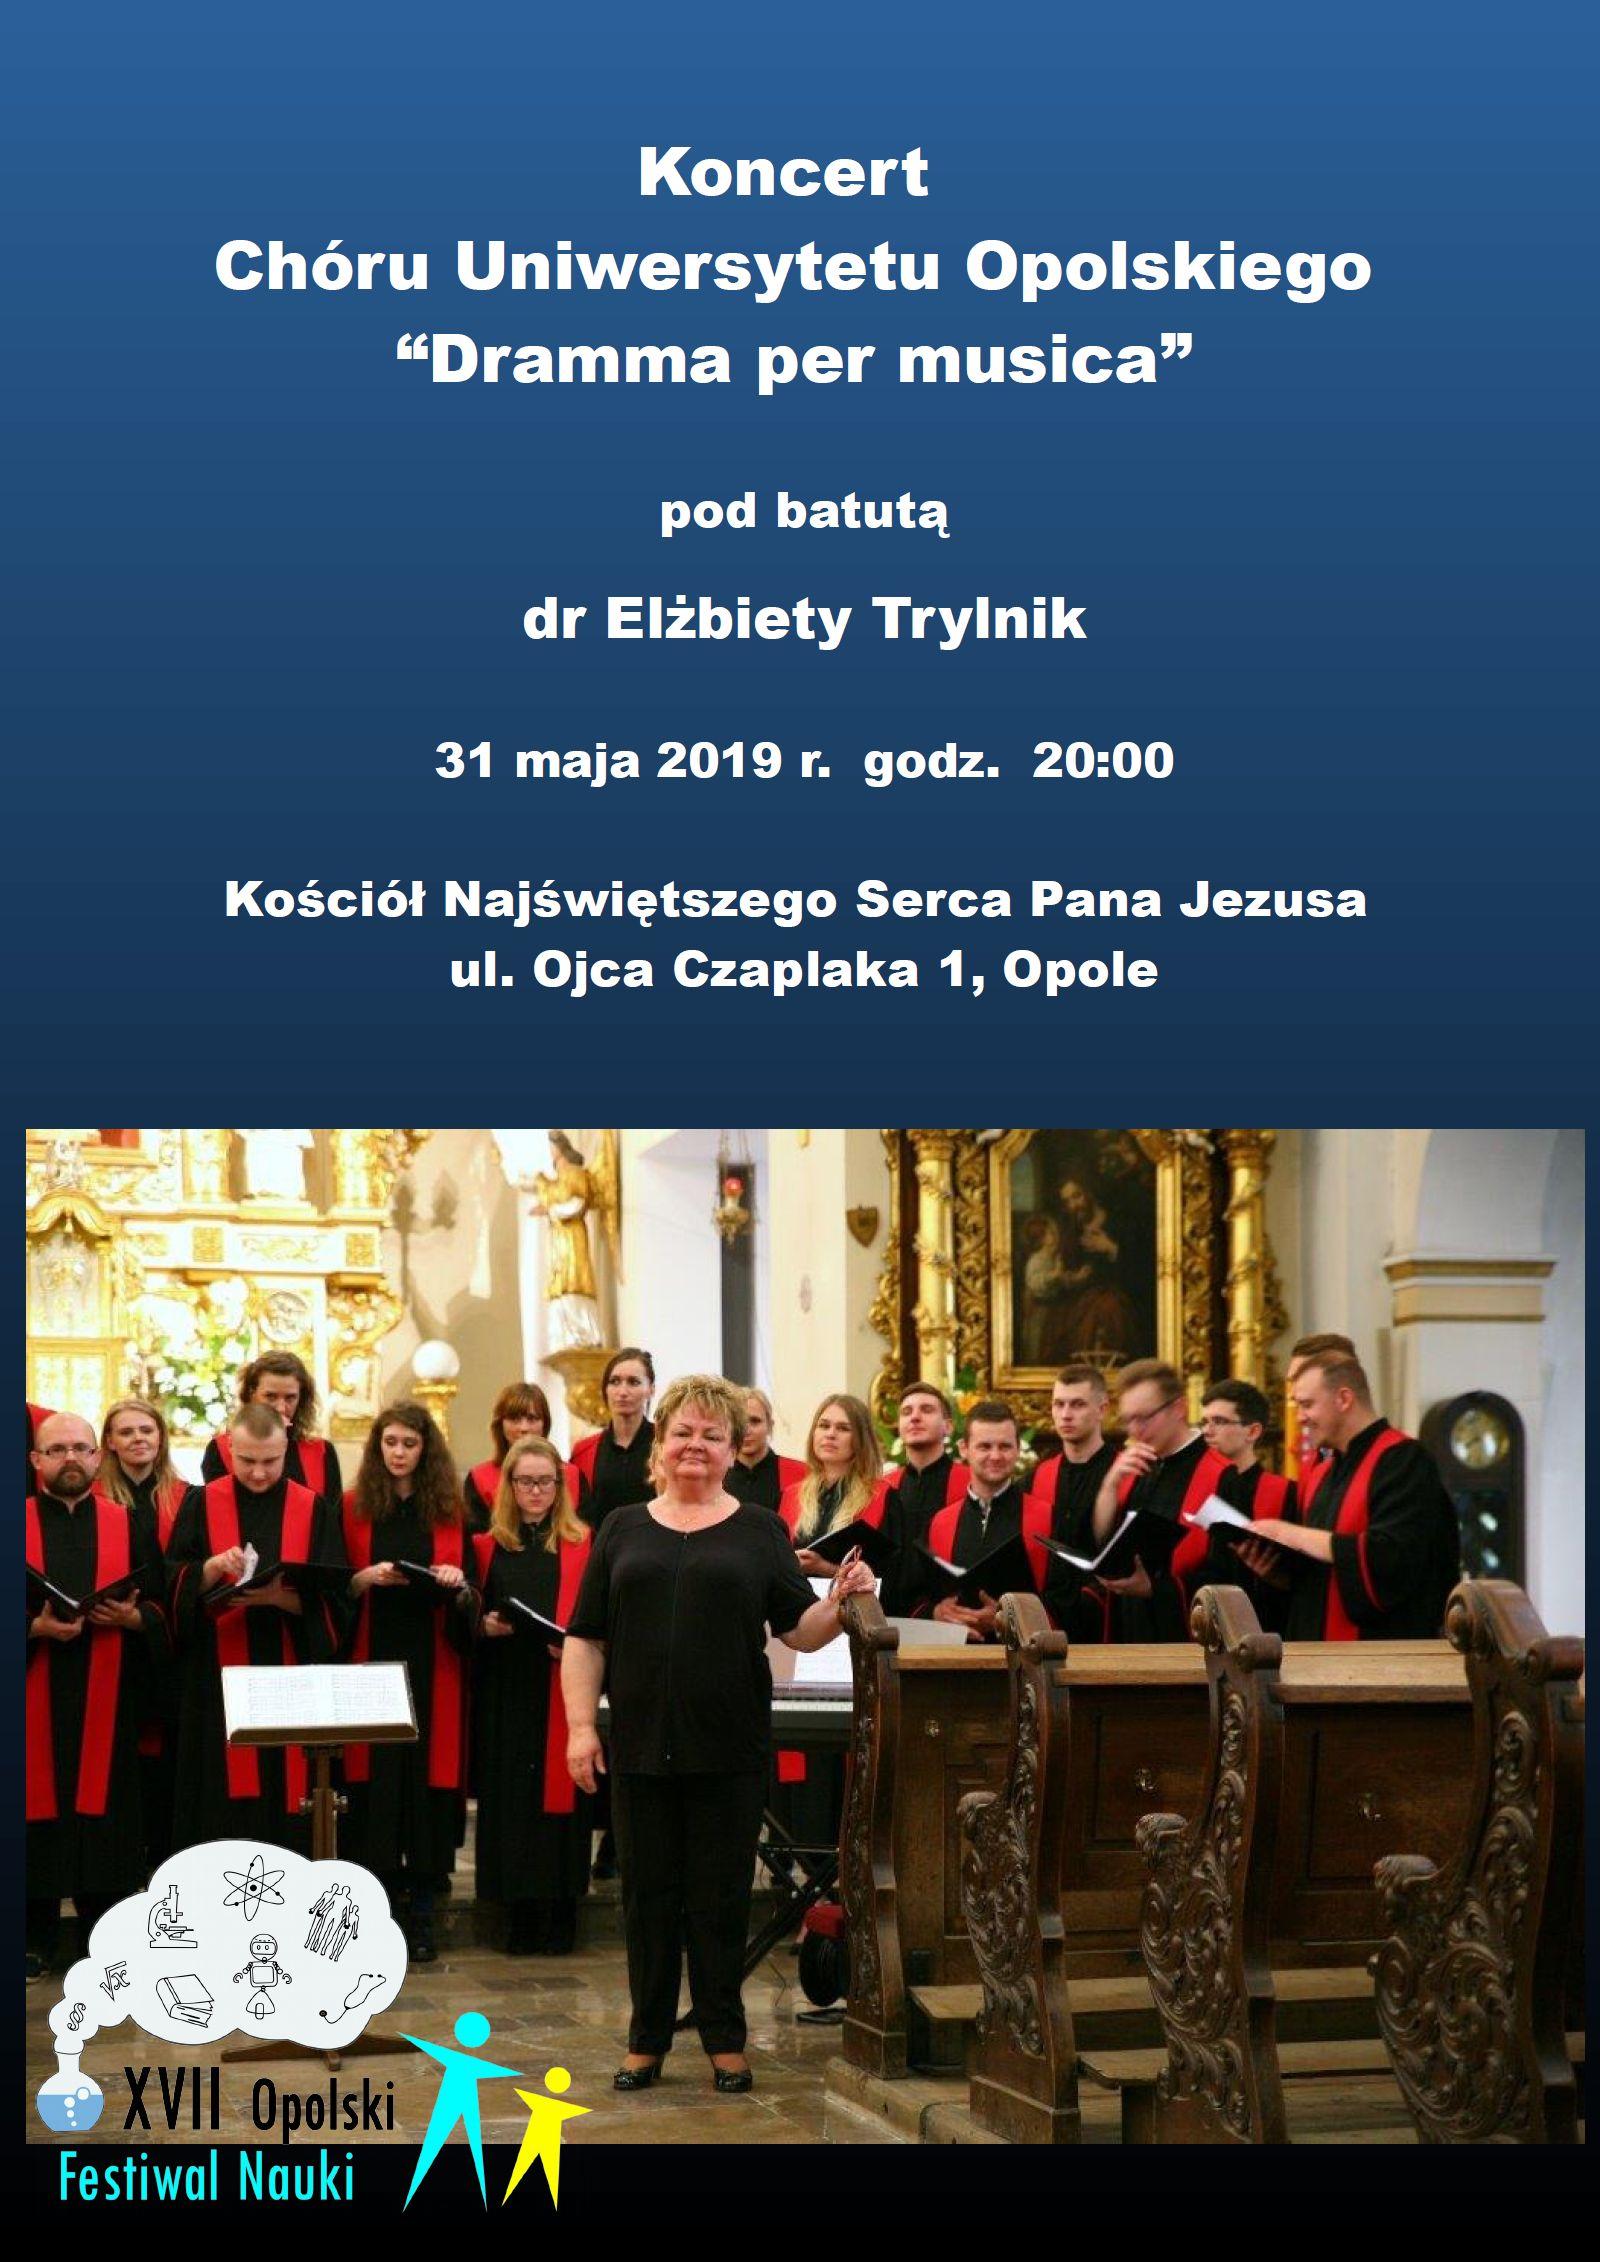 Koncert Chóru UO Dramma per musica pod Batutą dr Elżbiety Trylnik